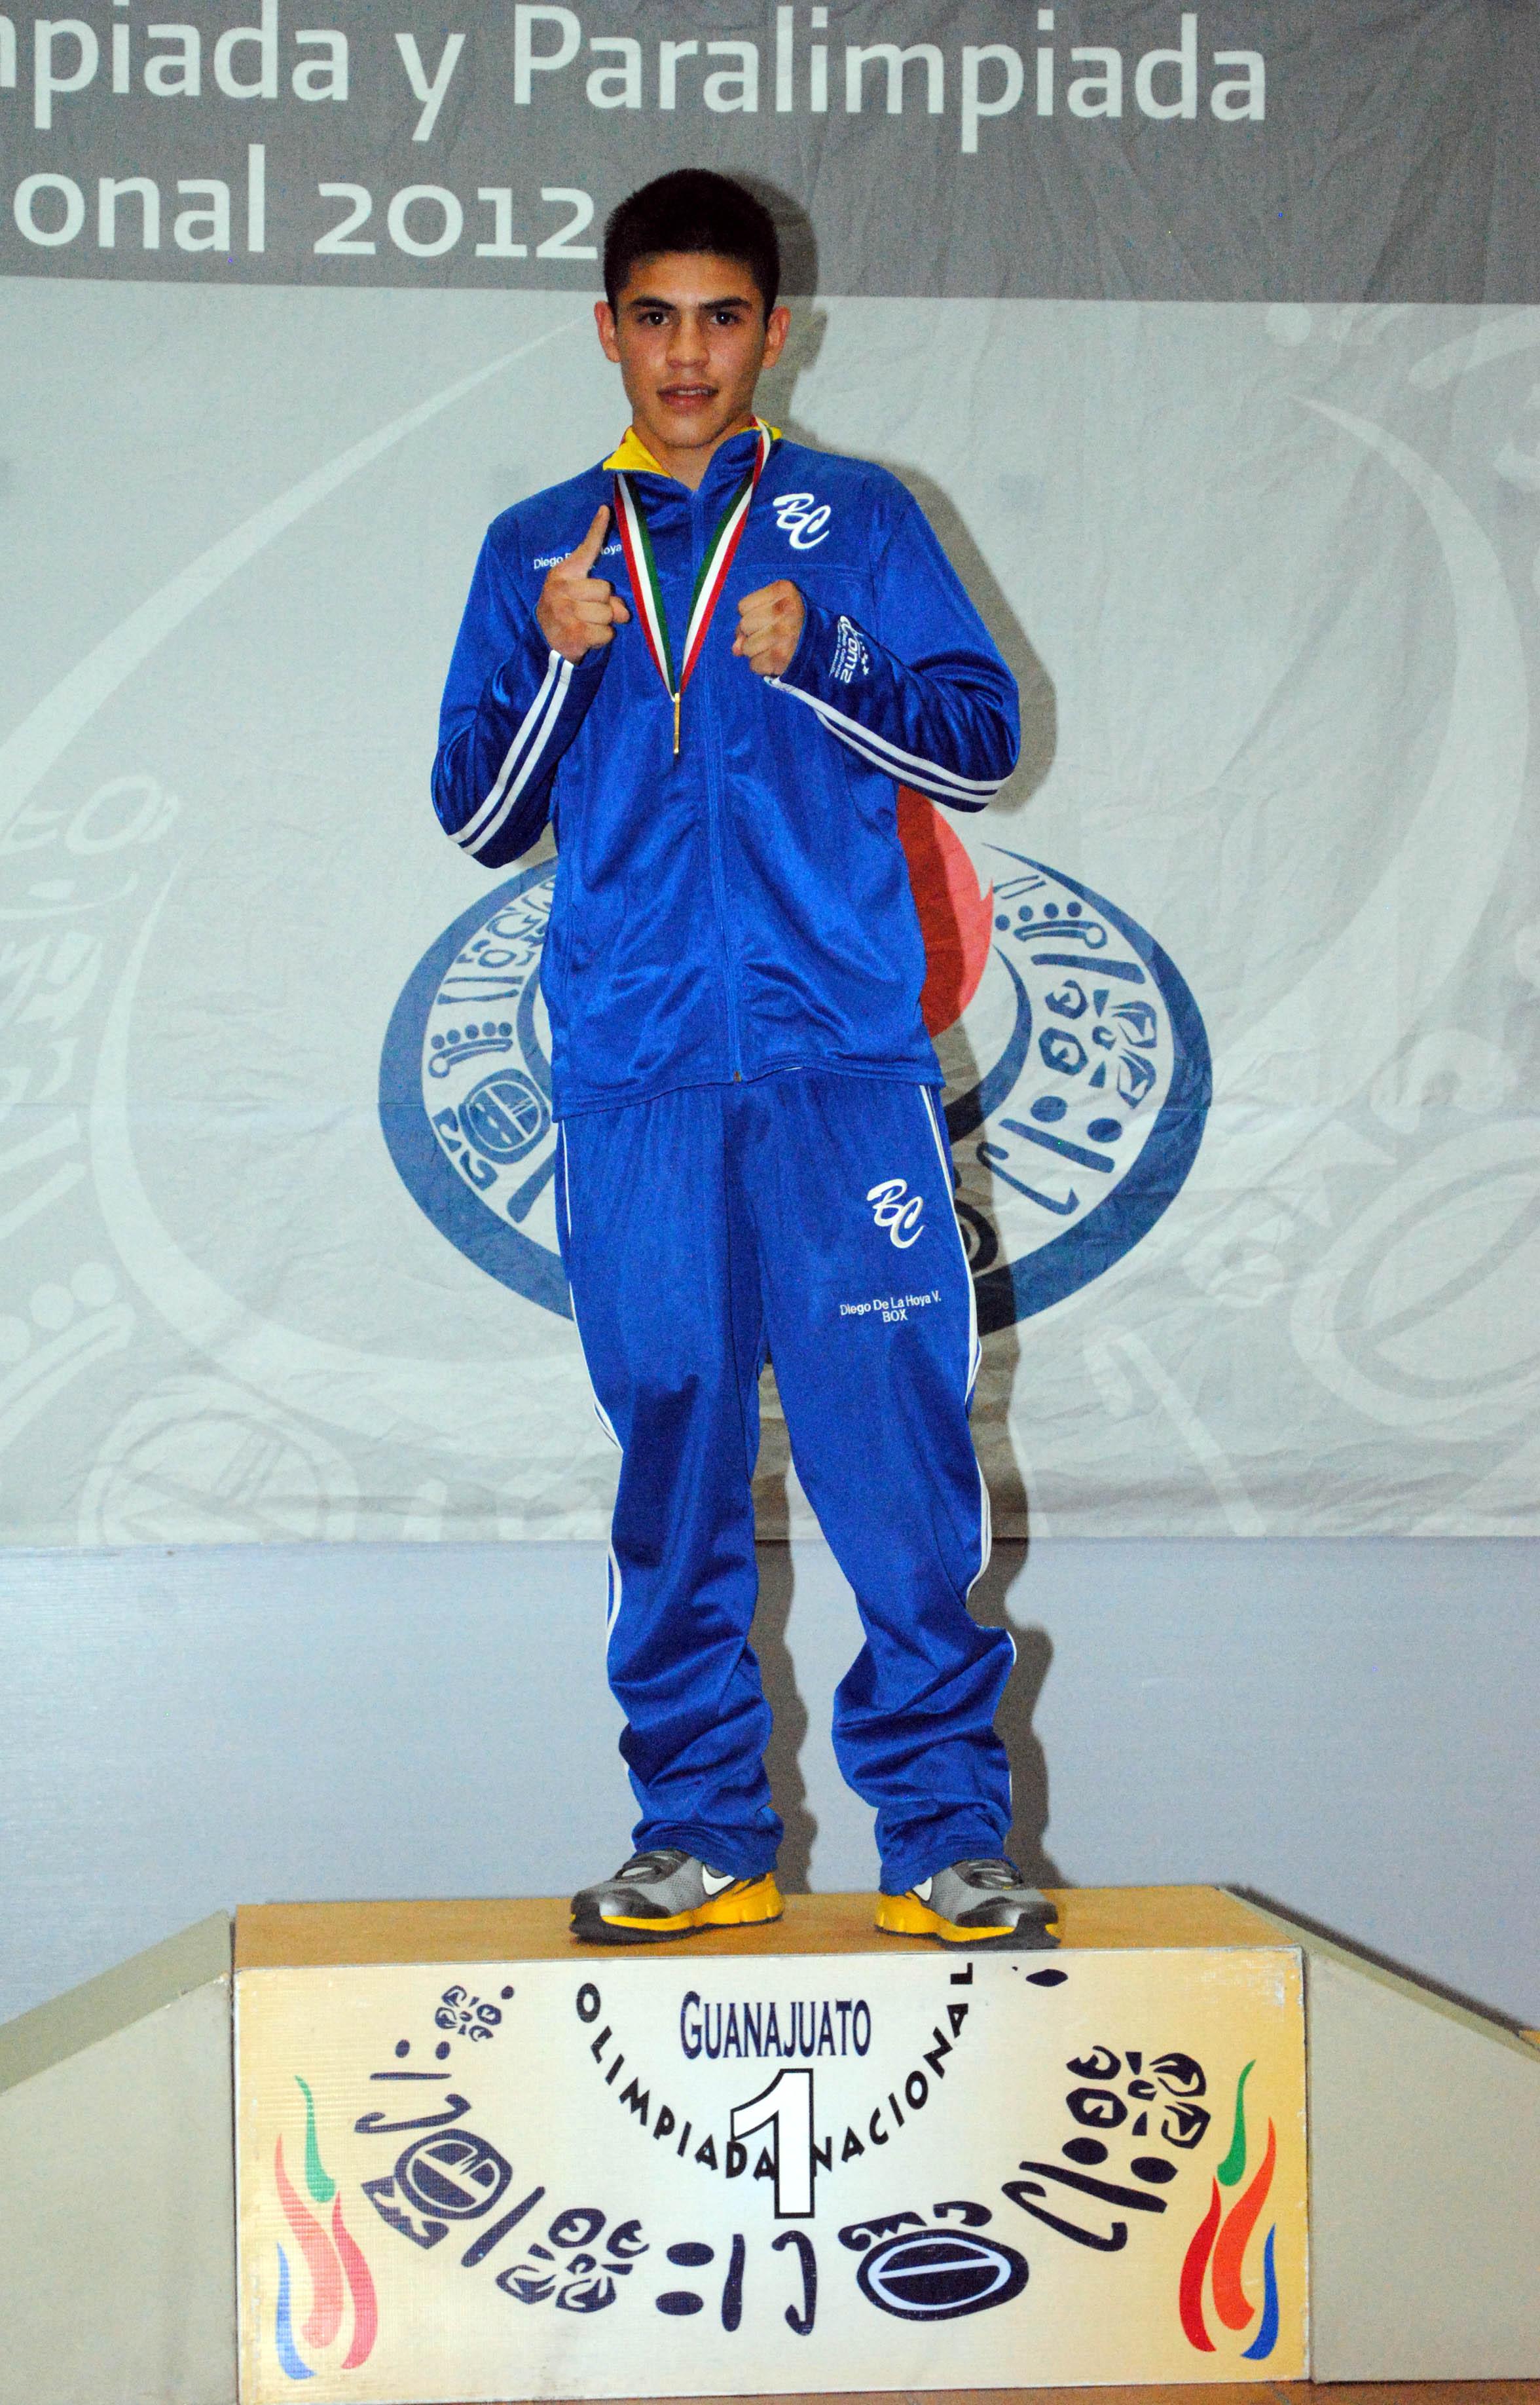 cbe7d06d6 Diego De la Hoya campeón nacional en 56 kilos Juvenil Mayor